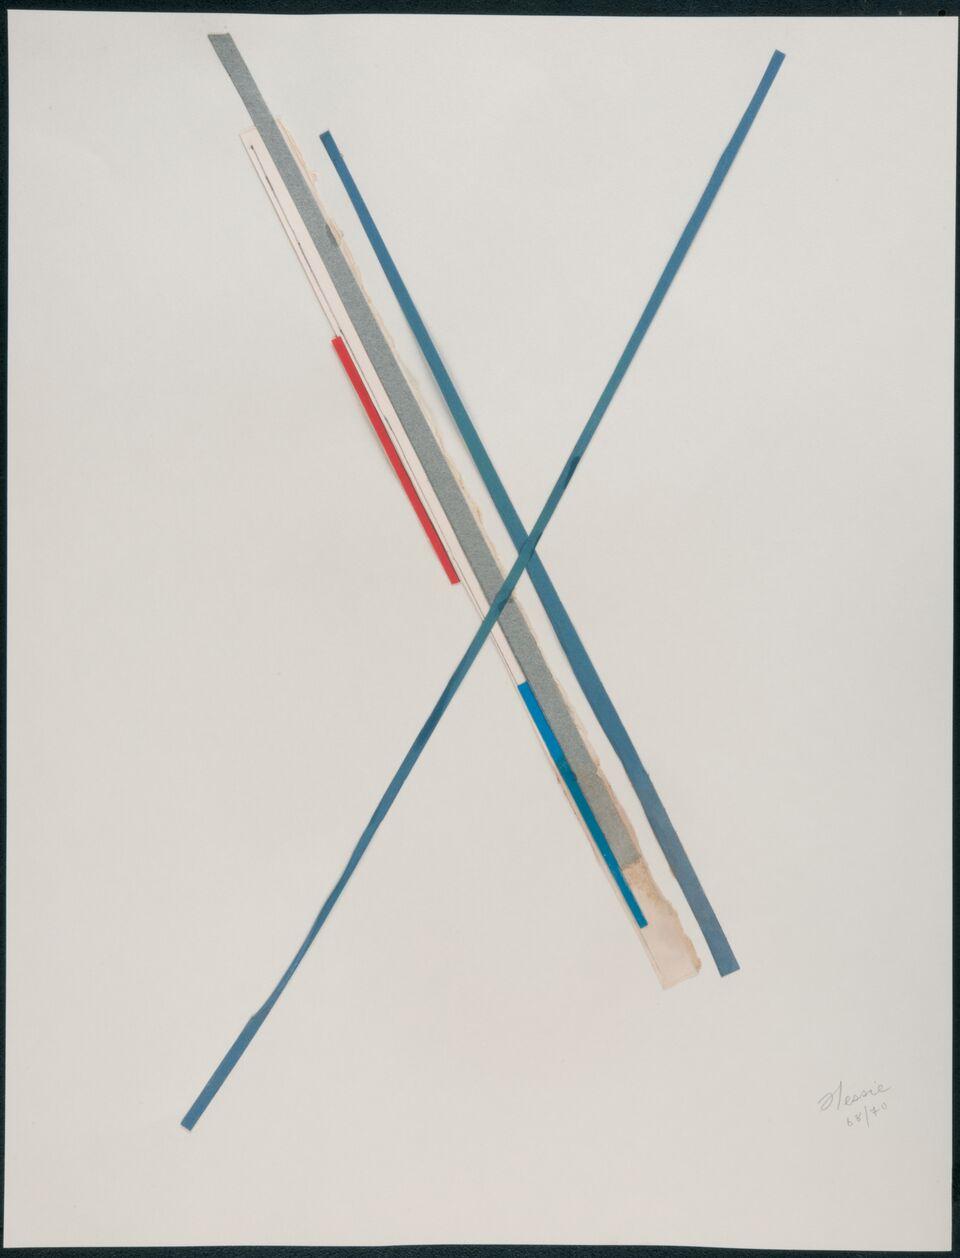 Hessie. Sin título, 1968-1970. Cortesía de la Galerie Arnold Lefebvre